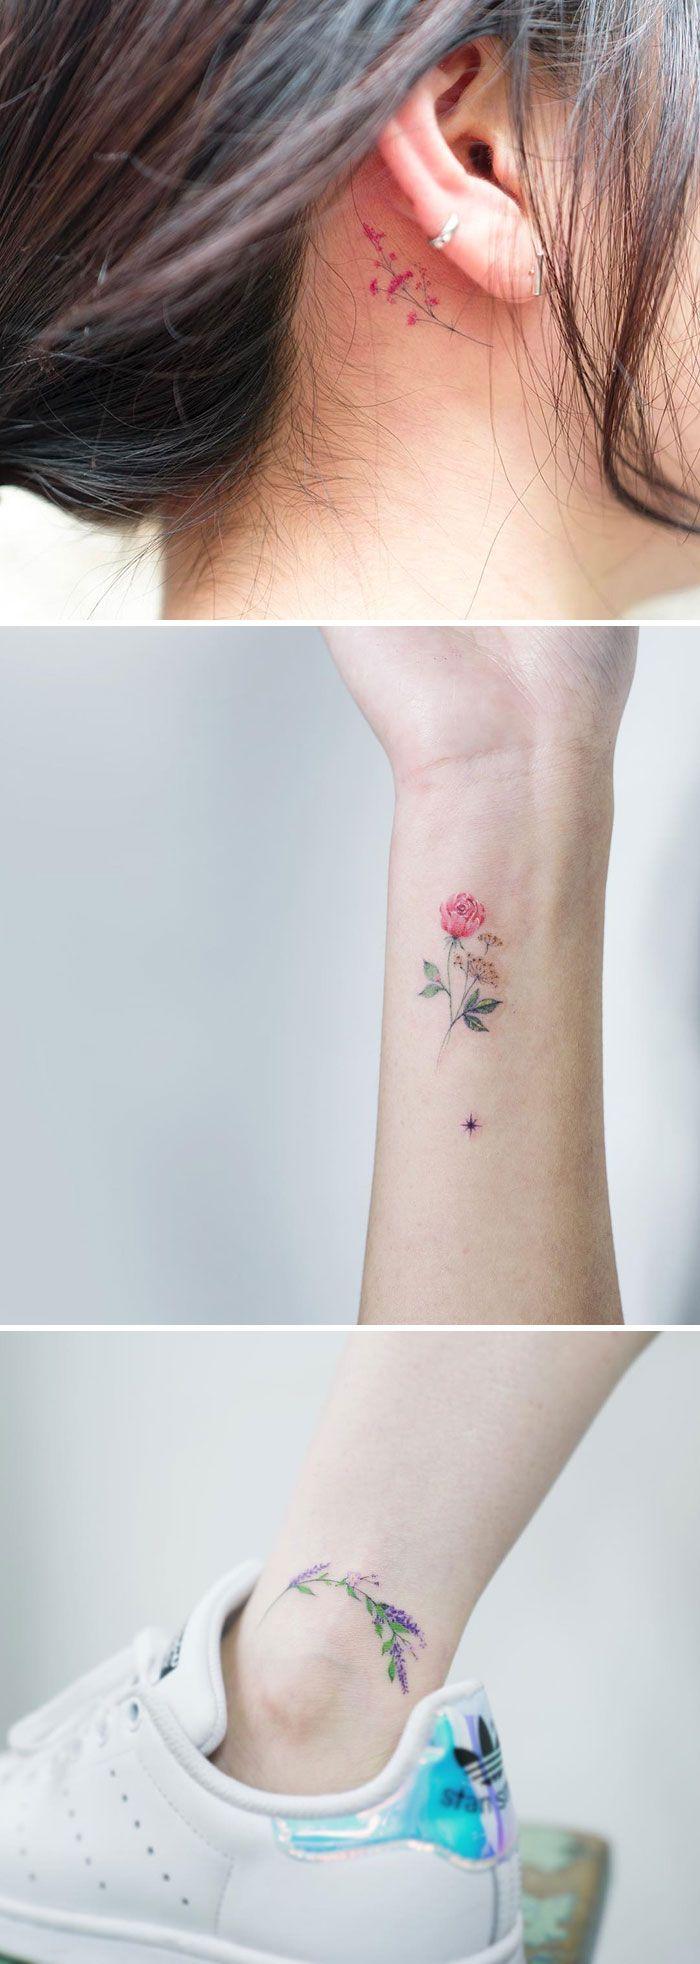 Tatuajes ✌